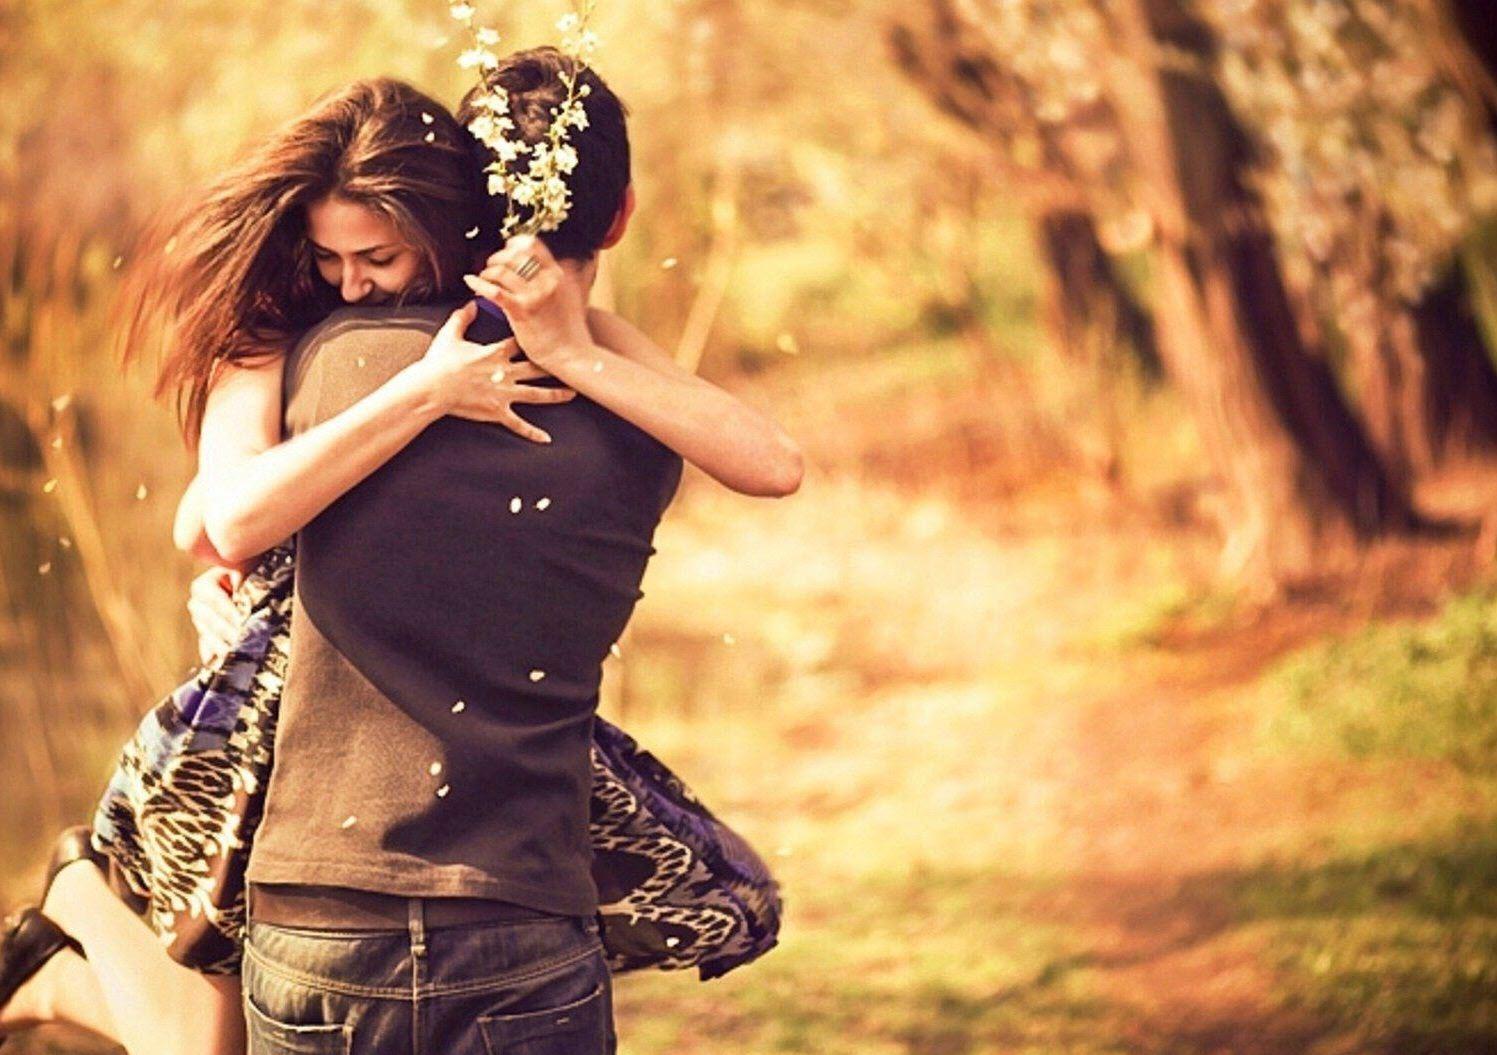 Hình ảnh tình yêu ôm nhau cực kỳ lãng mạn